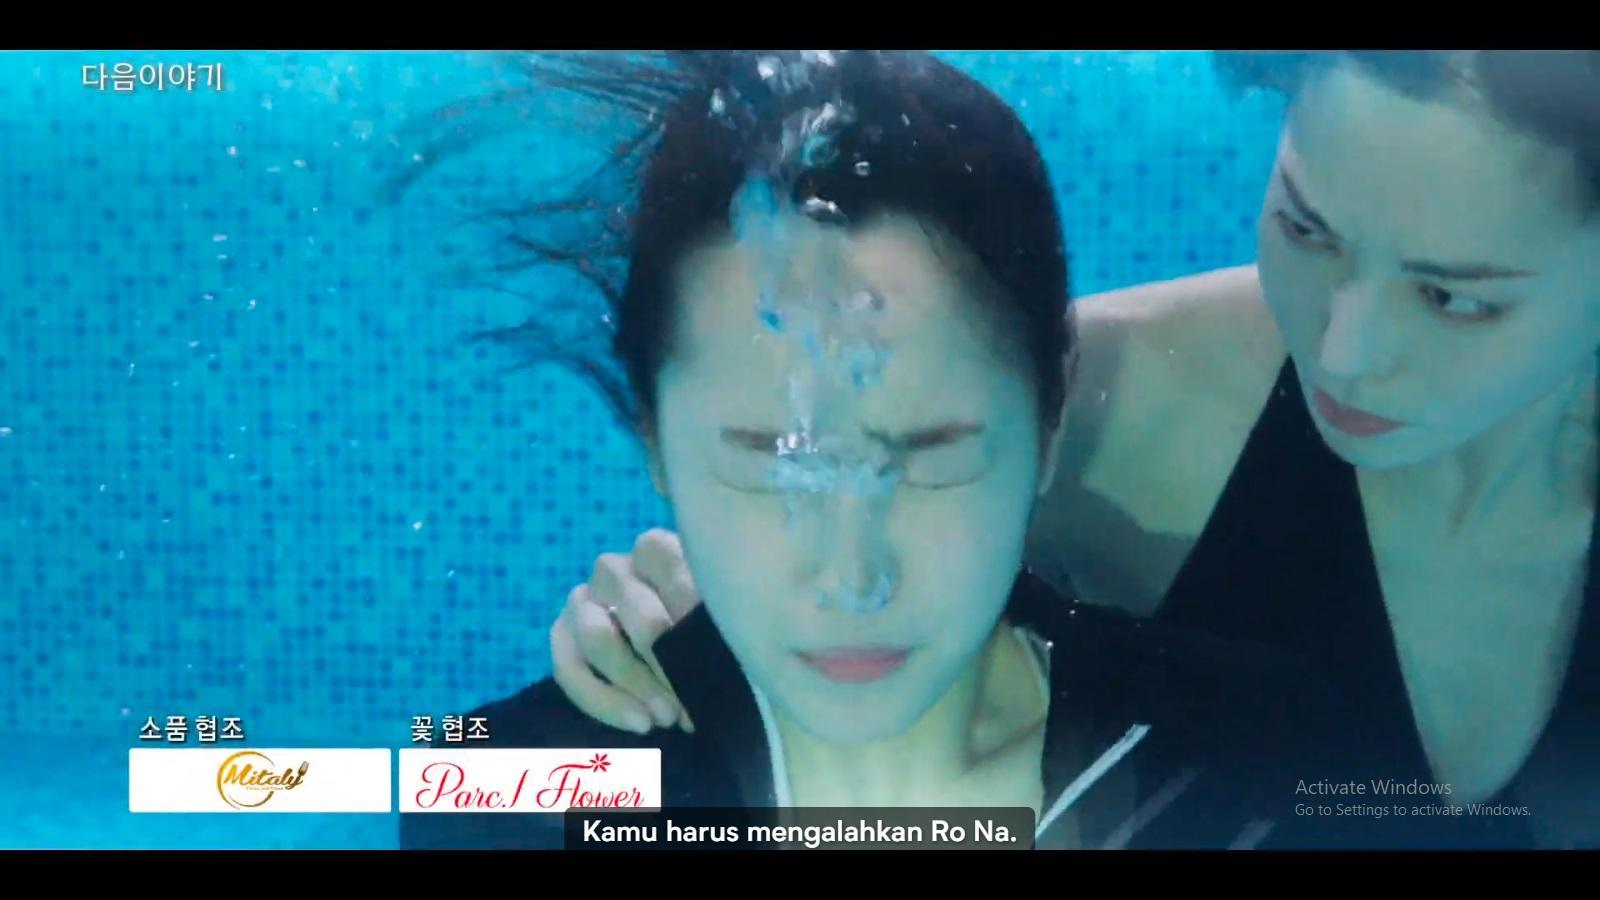 Cheon Seo Jin terus menekan Ha Eun Byeol untuk mengalahkan Bae Ro Na di Festival Seni Cheong A.